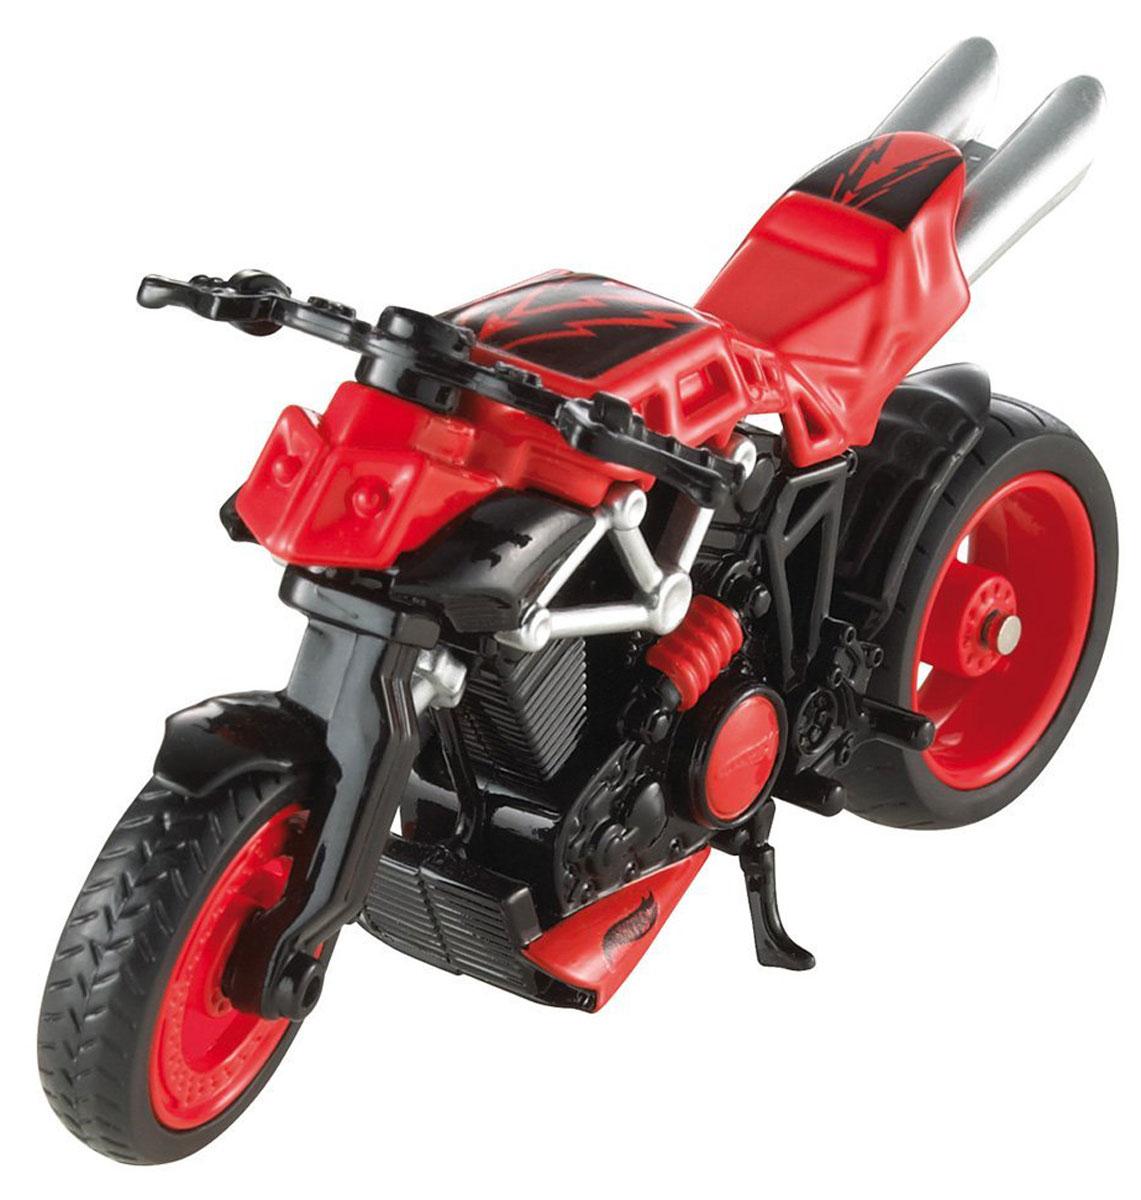 Hot Wheels Мотоцикл X-BladeX4221_X7723Эта коллекционная литая тюнингованная модель реального мотоцикла от Hot Wheels, выполненная в масштабе 1:18, предназначена для самых смелых трюков! Высокая степень детализации и яркий дизайн моделей позволят вам собрать свою эксклюзивную коллекцию знаменитых мотоциклов! В комплект входит один мотоцикл.